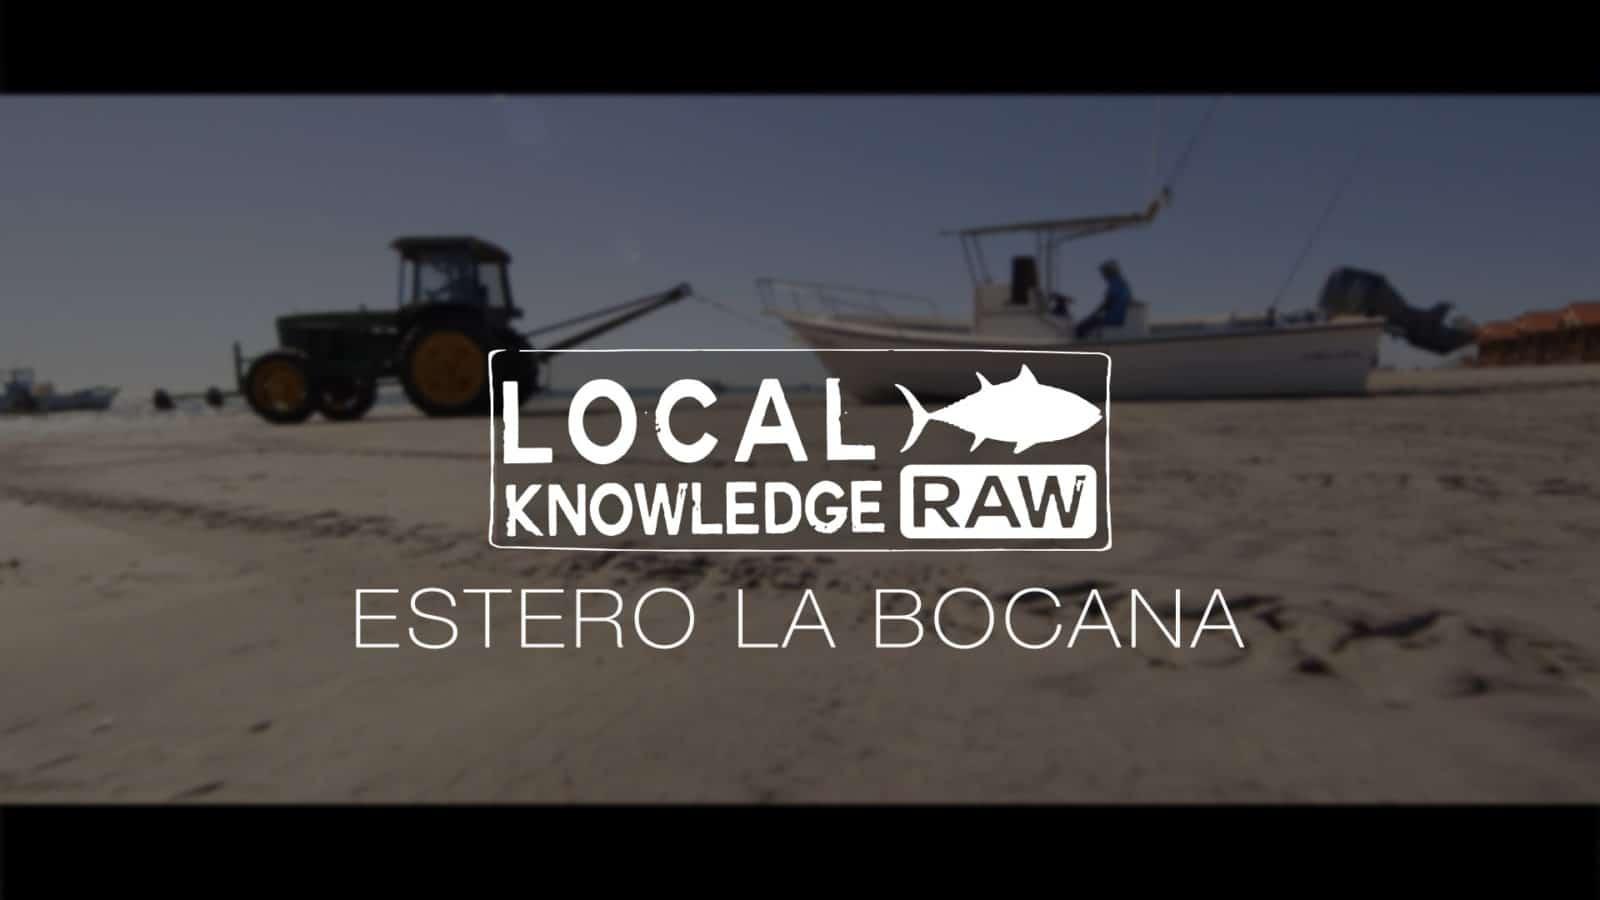 S01 estero la bocana raw local knowledge tv for Local knowledge fishing